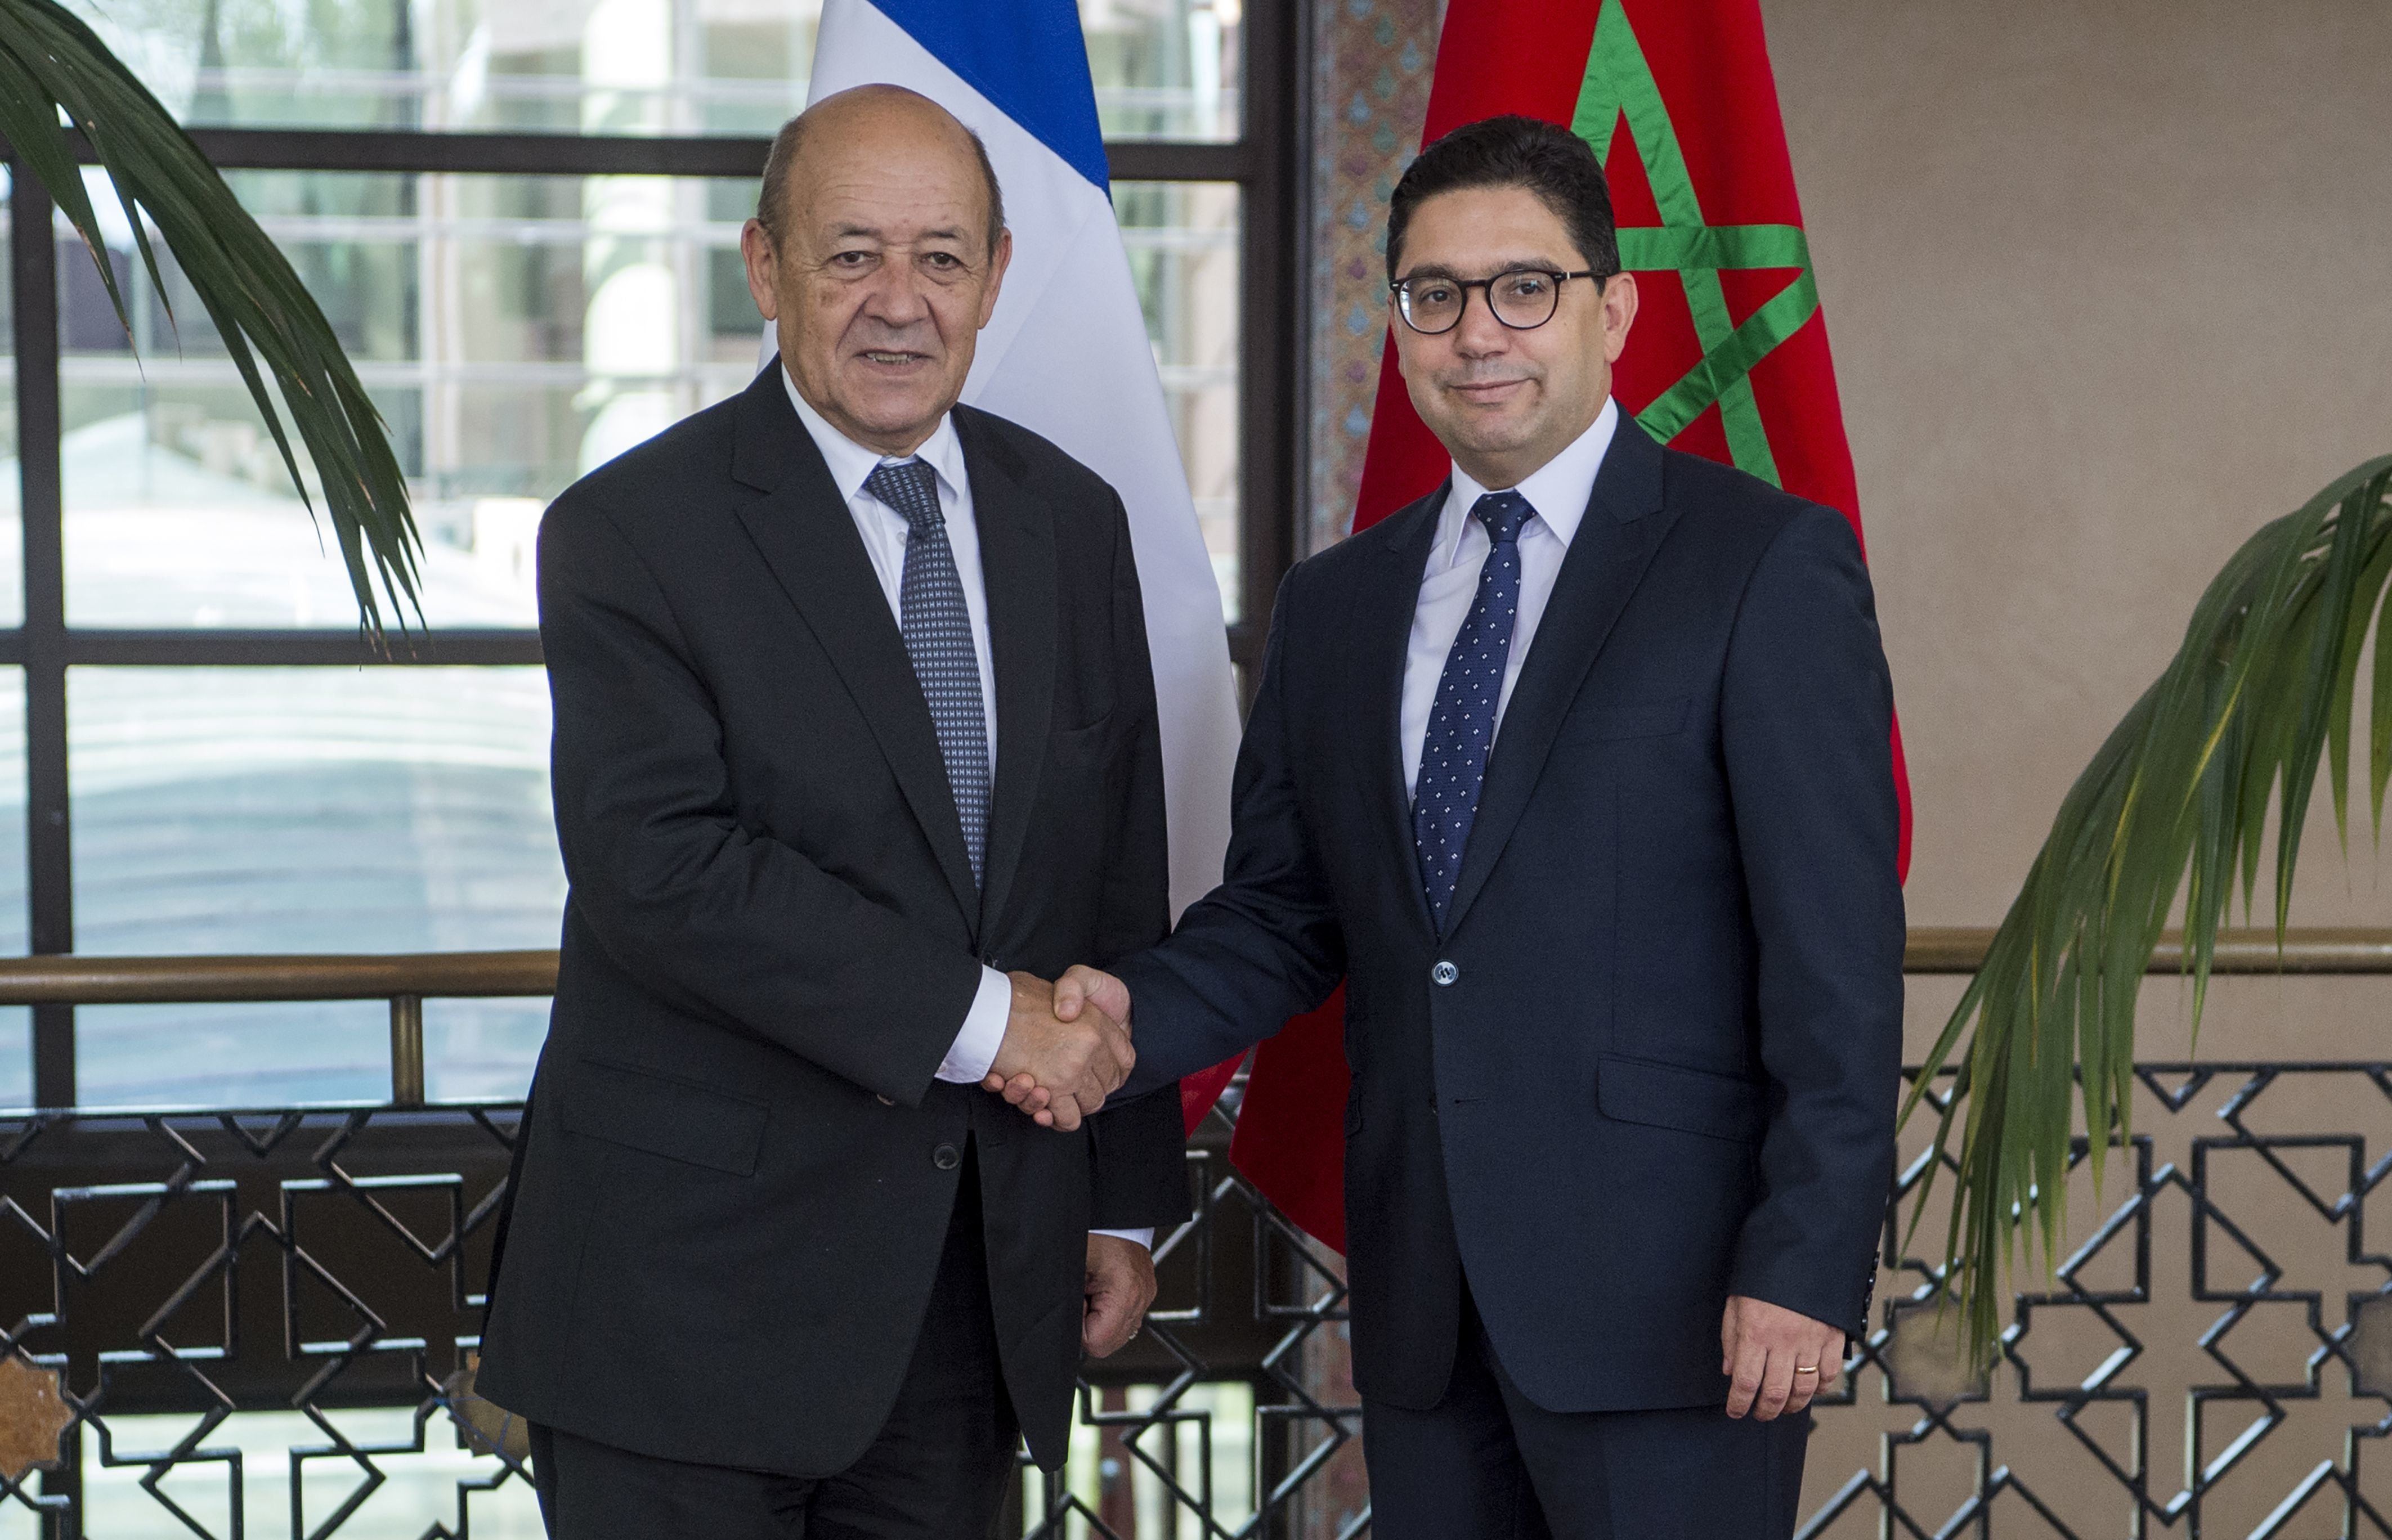 Le chef de la diplomatie française, Jean-Yves Le Drian, en visite au Maroc